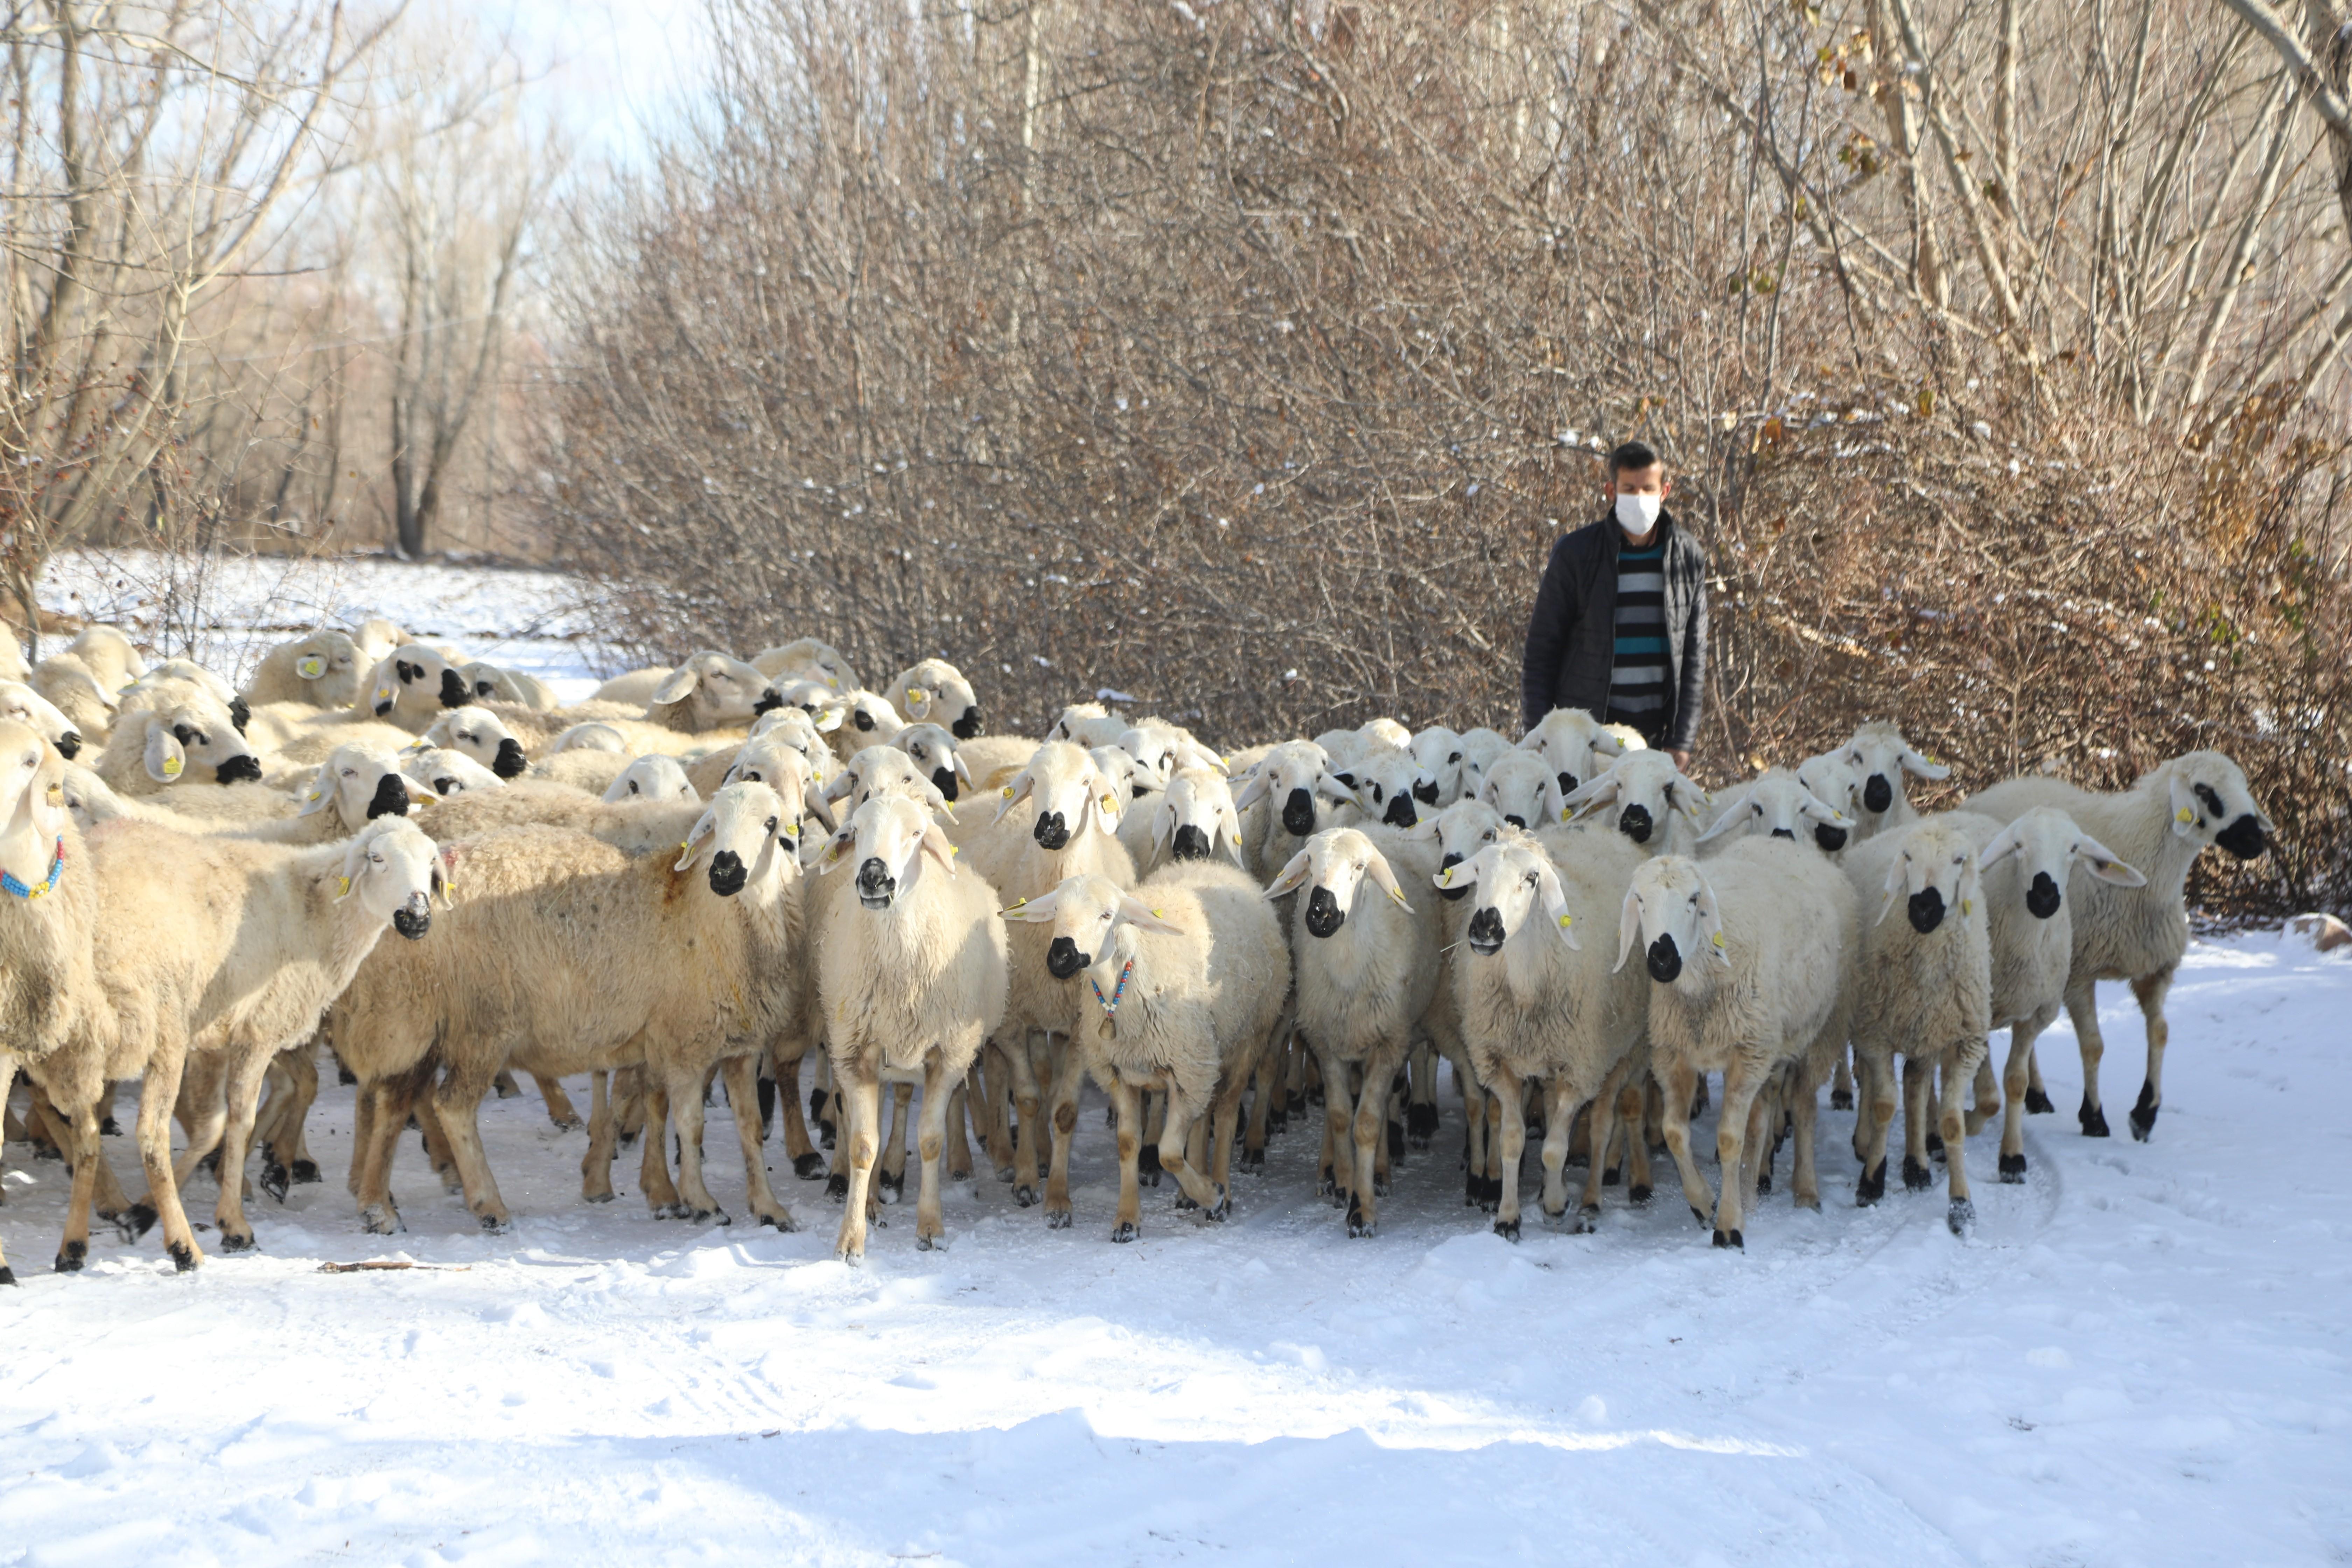 <p>Vali Salih Ayhan, 'Köyümde Yaşamak İçin Bir Sürü Nedenim Var' projesinde destek alan çiftçileri ziyaret ederek, TKDK tarafından şuana kadar 400 milyon liralık destek sağlandığını ve 2021 yılında da 385 projeye 185 milyon liralık destek sağlanacağını söyledi.</p> <p></p> <p>Sivas Valisi Salih Ayhan, Tarım ve Kırsal Kalkınmayı Destekleme Kurumu (TKDK) ile 'Köyümde Yaşamak için Bir Sürü Nedenim Var' projesi kapsamında destek alan çiftçileri ziyaret etti. Ziyaretlere İl Jandarma Komutanı İdris Tataroğlu, İl Tarım ve Orman Müdürü Seyit Yıldız, TKKD İl Koordinatörü Muhammed Ali Genç, Ziraat Odası Başkanı Hacı Çetindağ ile diğer yetkililer de katılım gösterdi. Ziyaretin ardından açıklamalarda bulunan Vali Salih Ayhan, Üretim ve istihdam odaklı bir anlayışımız var. Sivas'ta tarım ve hayvancılıkta çok ciddi çalışmalar yapılmakta. Bunlardan en önemli faaliyet kollarımızdan birisi de çiftçimizi doğrudan destek olan TKDK, şuana kadar yaklaşık olarak 400 milyon TL bir destek sağladı. 2020 yılı içerisinde de yaklaşık 40 milyon liralık 136 projeye destek sağladı. Bunları da sahada ziyaret ederek görüyoruz ifadelerini kullandı.<br /><br /></p> <p><strong>En çok destek alan il Sivas</strong></p> <p></p> <p>Vali Ayhan, en çok destek alan ilin Sivas olduğunu ve 2021 yılında da yaklaşık 385 projeye 185 milyon liralık destek sağlanacağını belirterek, Çiftçimizin moral ve motivasyonunu yüksek tutmak istiyoruz. Devletimizin de desteğinin sahada nasıl karşılık aldığını görüyoruz. 2021 yılı için de hazırlıklar yapıldı. Yaklaşık olarak 385 projeye 185 milyon liralık destek sağlanacak. En çok proje yapan ve en çok da destek alan il olduğumuzu da söylemek istiyorum. 385 projeden 166'sının işlemleri bitti. Geri kalan projelerin evrak işlemleri bitmektedir. Bunlar da bittiği zaman yaklaşık 185 milyon liralık destek sağlanmış olacak. Çiftçimize destek olarak, tarımsal ve hayvancılık alt yapısını güçlendirerek modern tarım ekipmanlarını da kullanarak daha fazla üretim sağlamak istiyor ve daha f